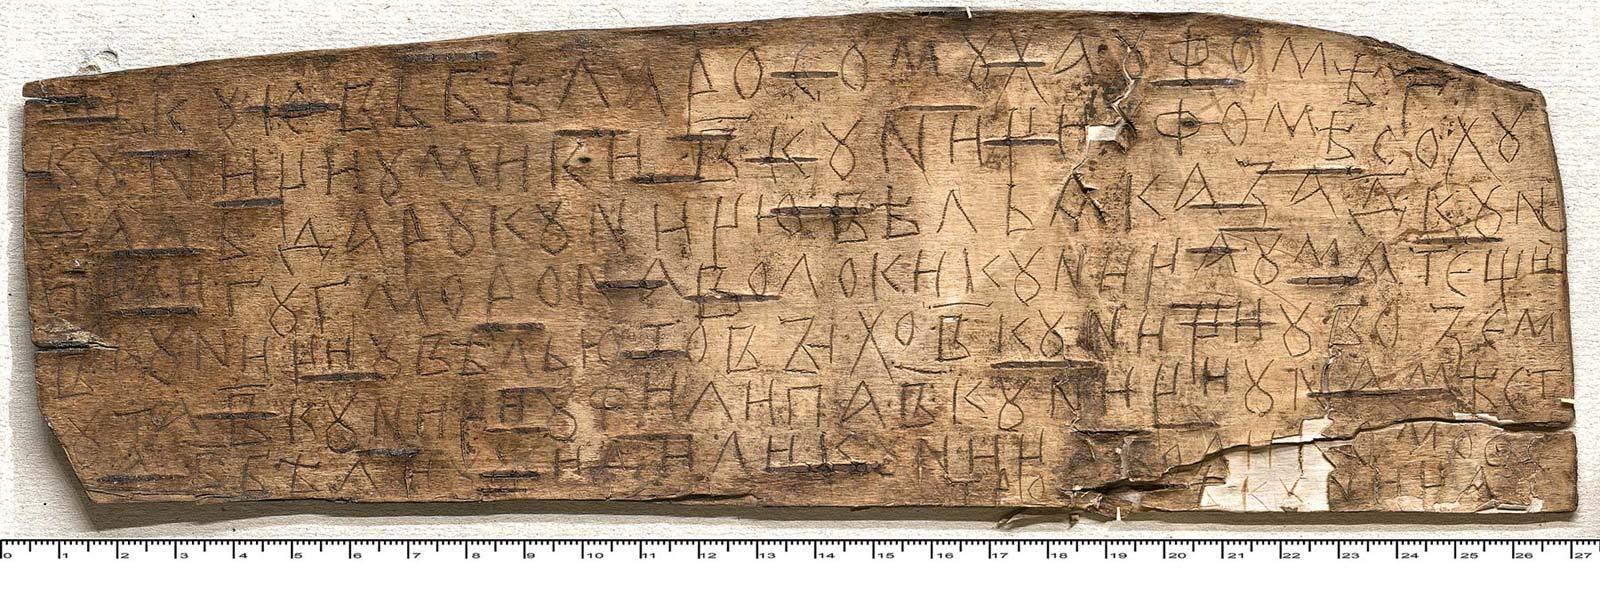 древние грамоты картинки тех, кто далеко